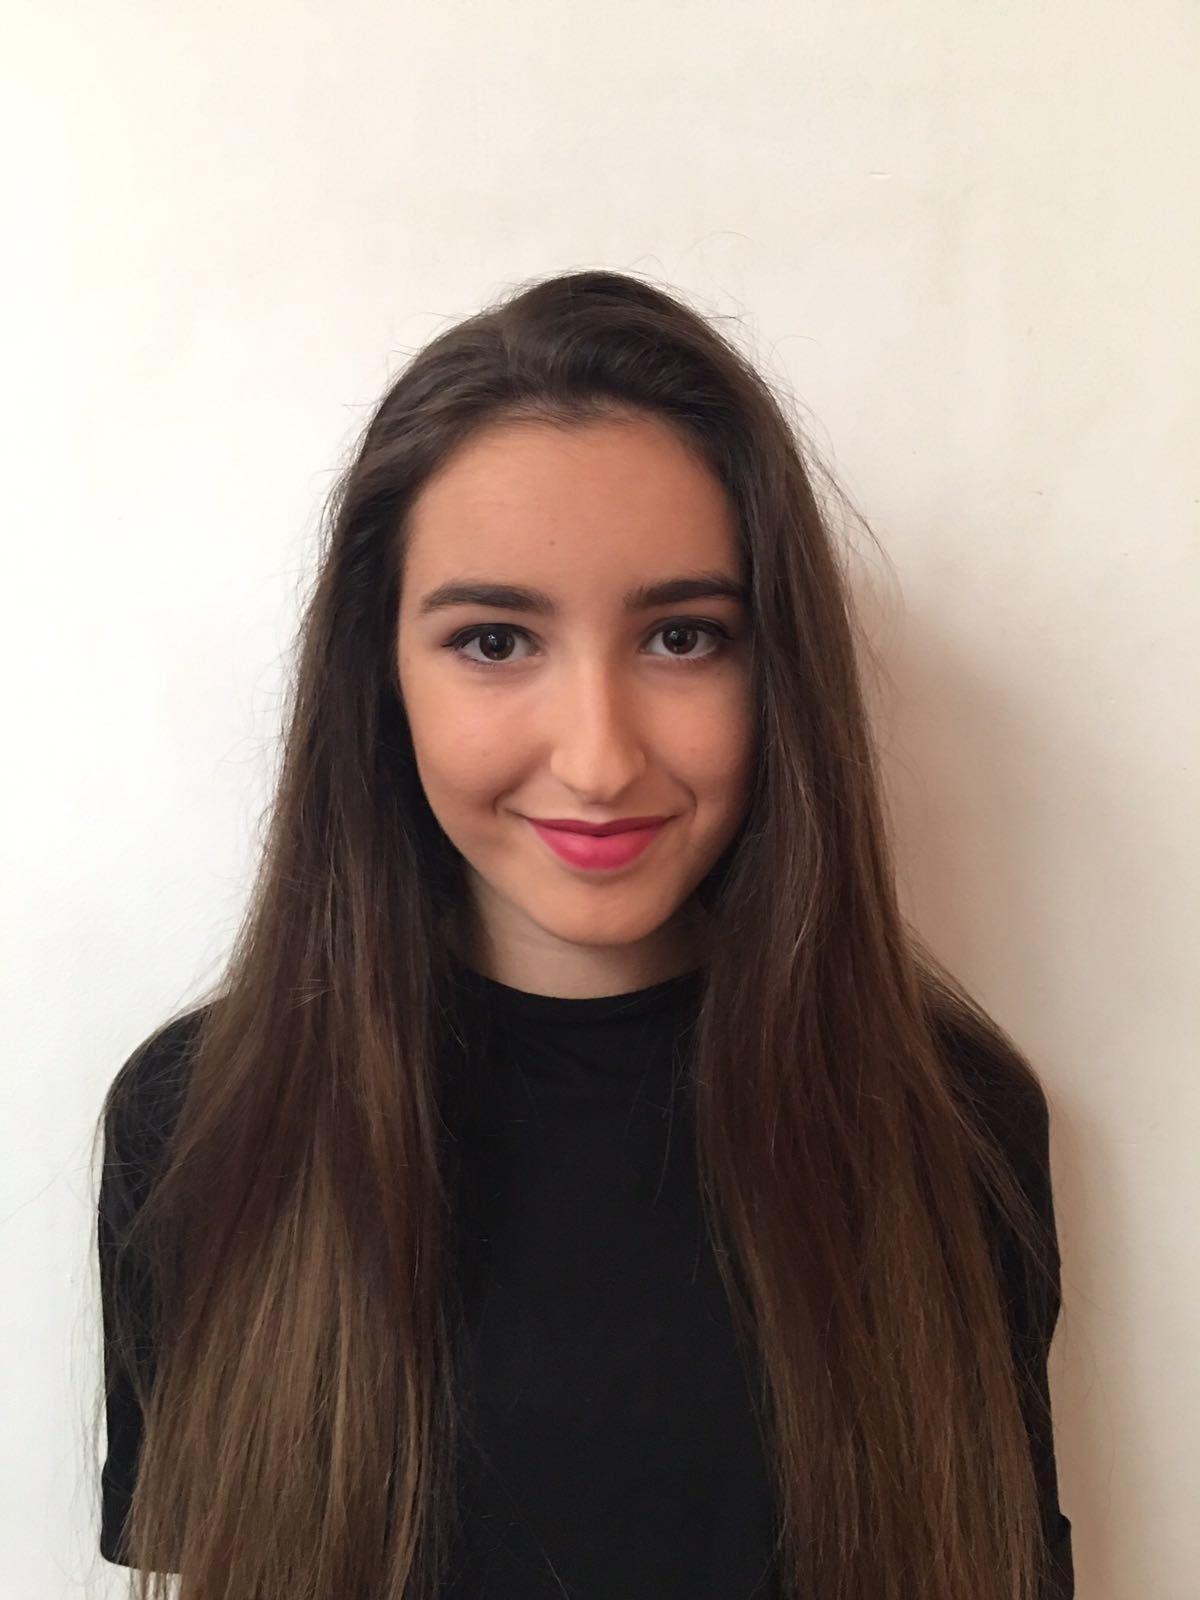 Добредојде Бланка, нашиот нов ВЕТ студент од Шпанија